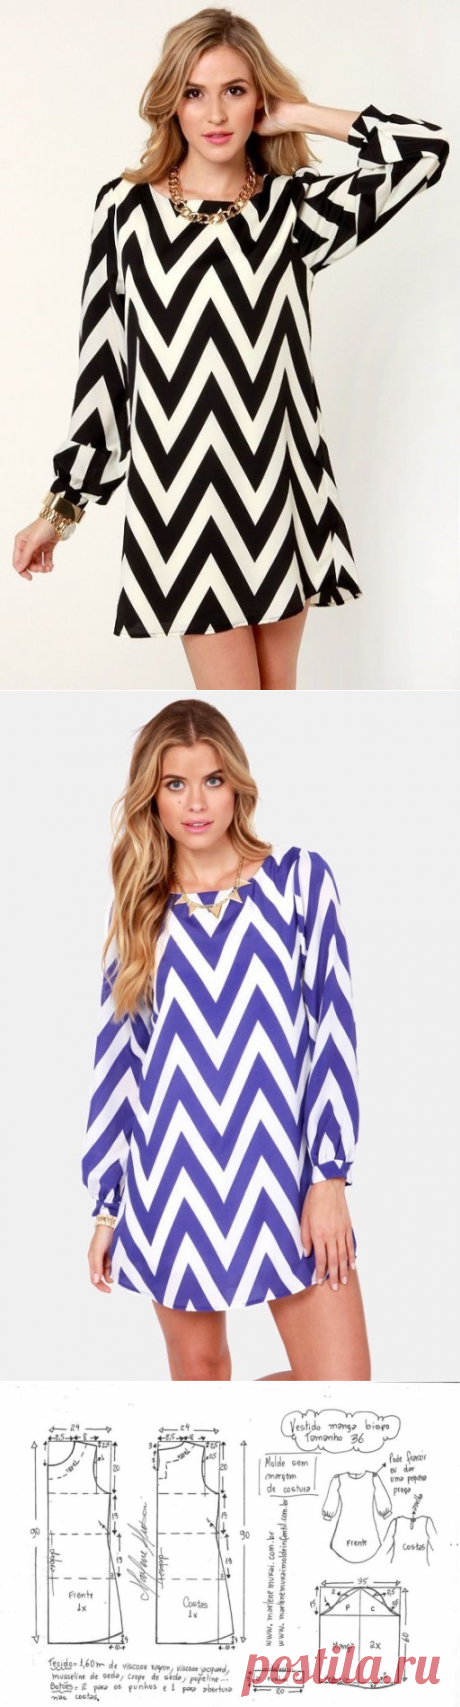 Выкройка платья – простое, но интересное! (Шитье и крой) – Журнал Вдохновение Рукодельницы